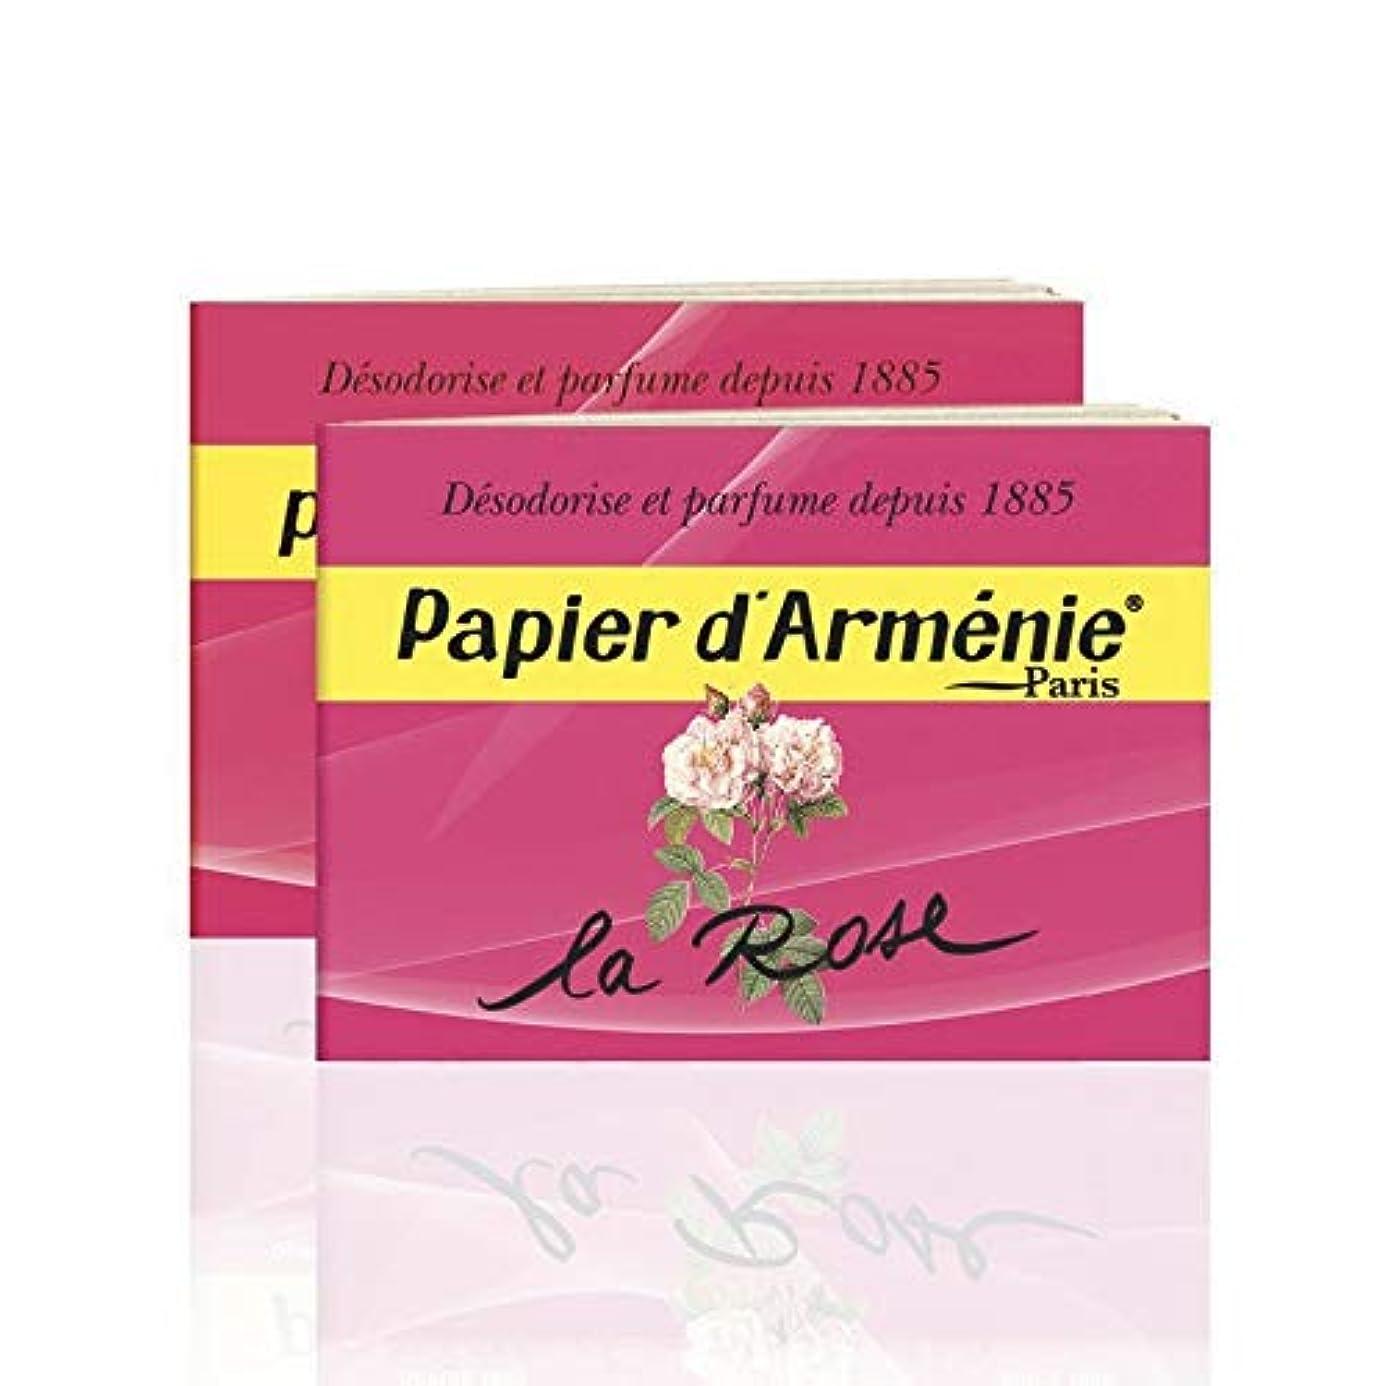 ガチョウ実質的よろめくPapier d'Arménie パピエダルメニイ ローズ 紙のお香 フランス直送 [並行輸入品] (2個)